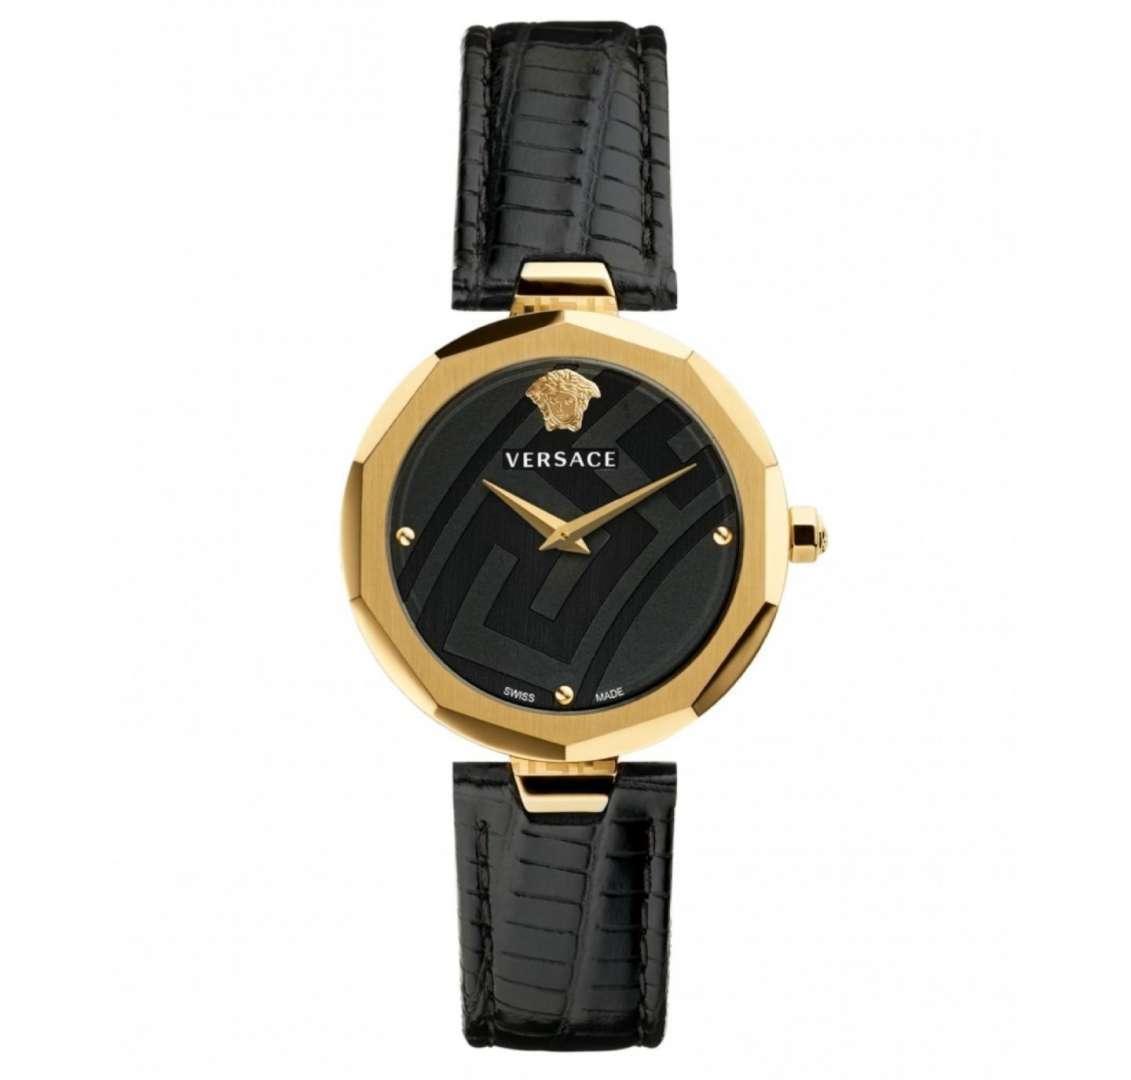 שעון יד אנלוגי versace v17020017 ורסצ'ה